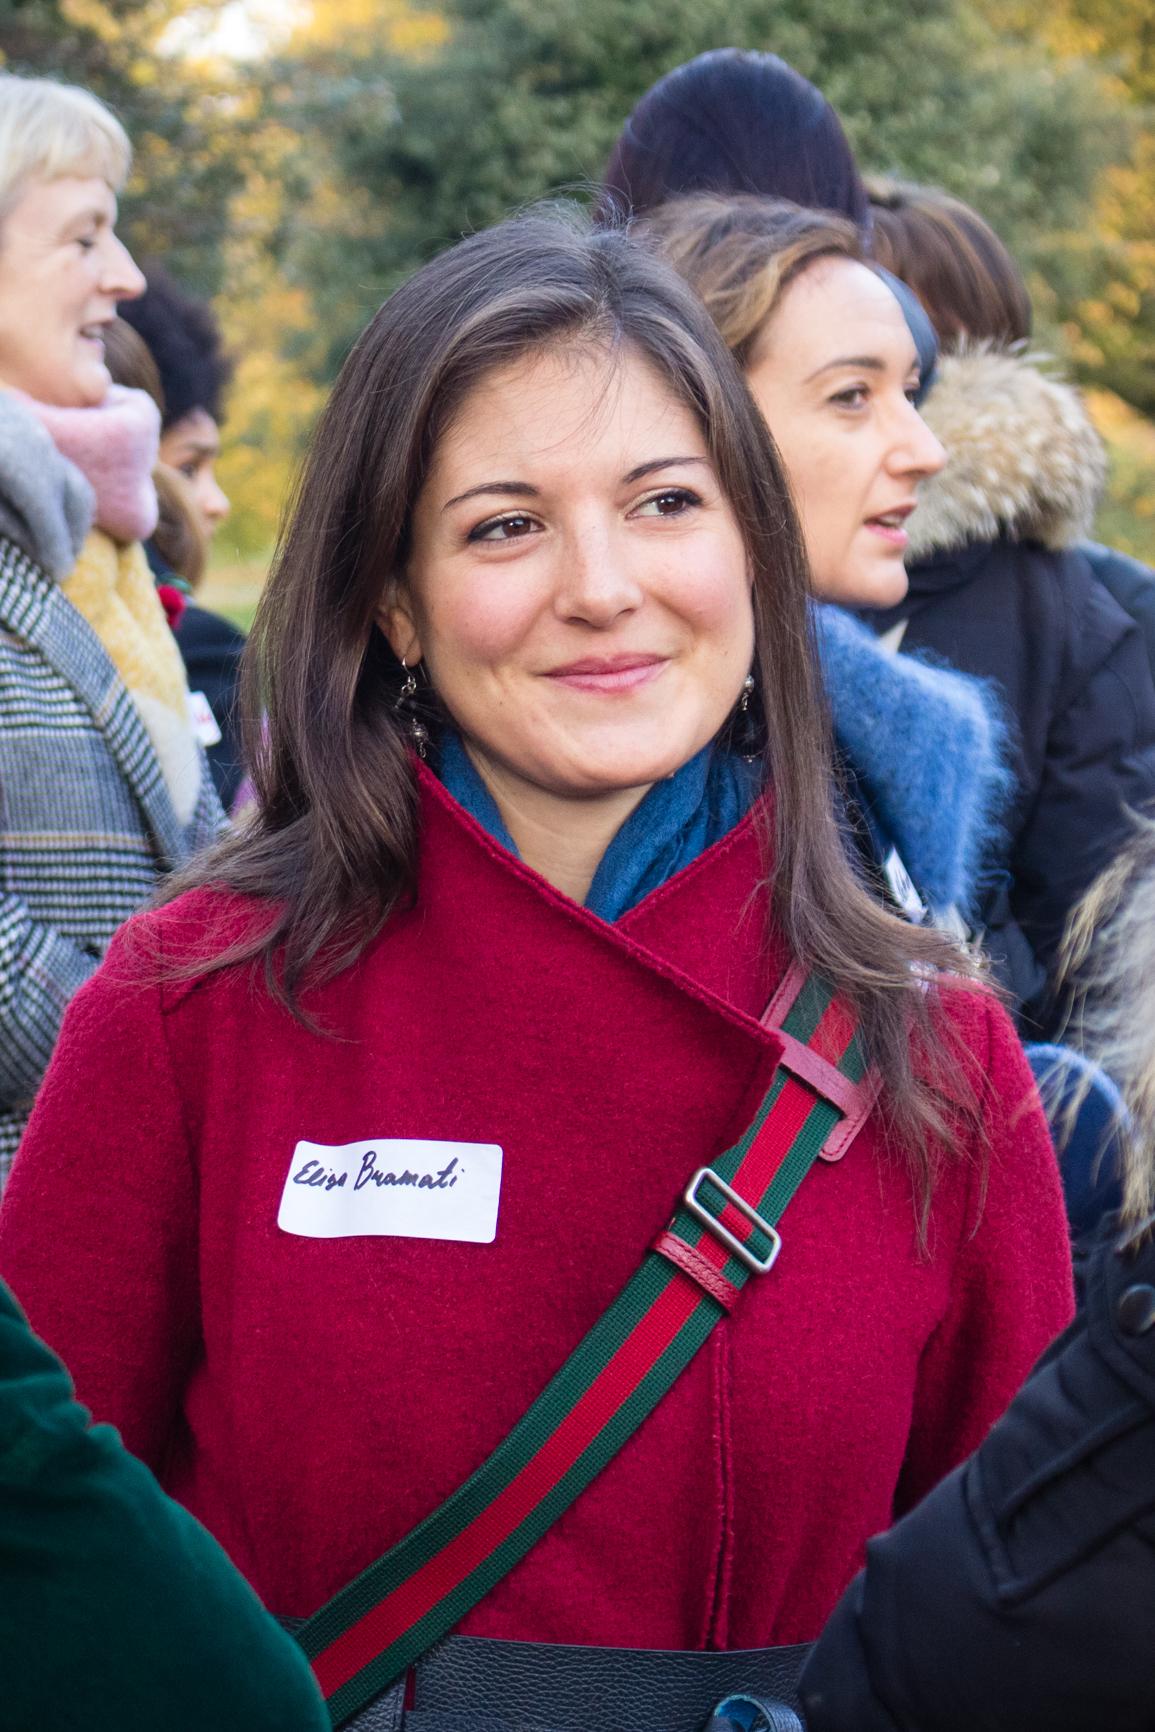 Elisa Bramati